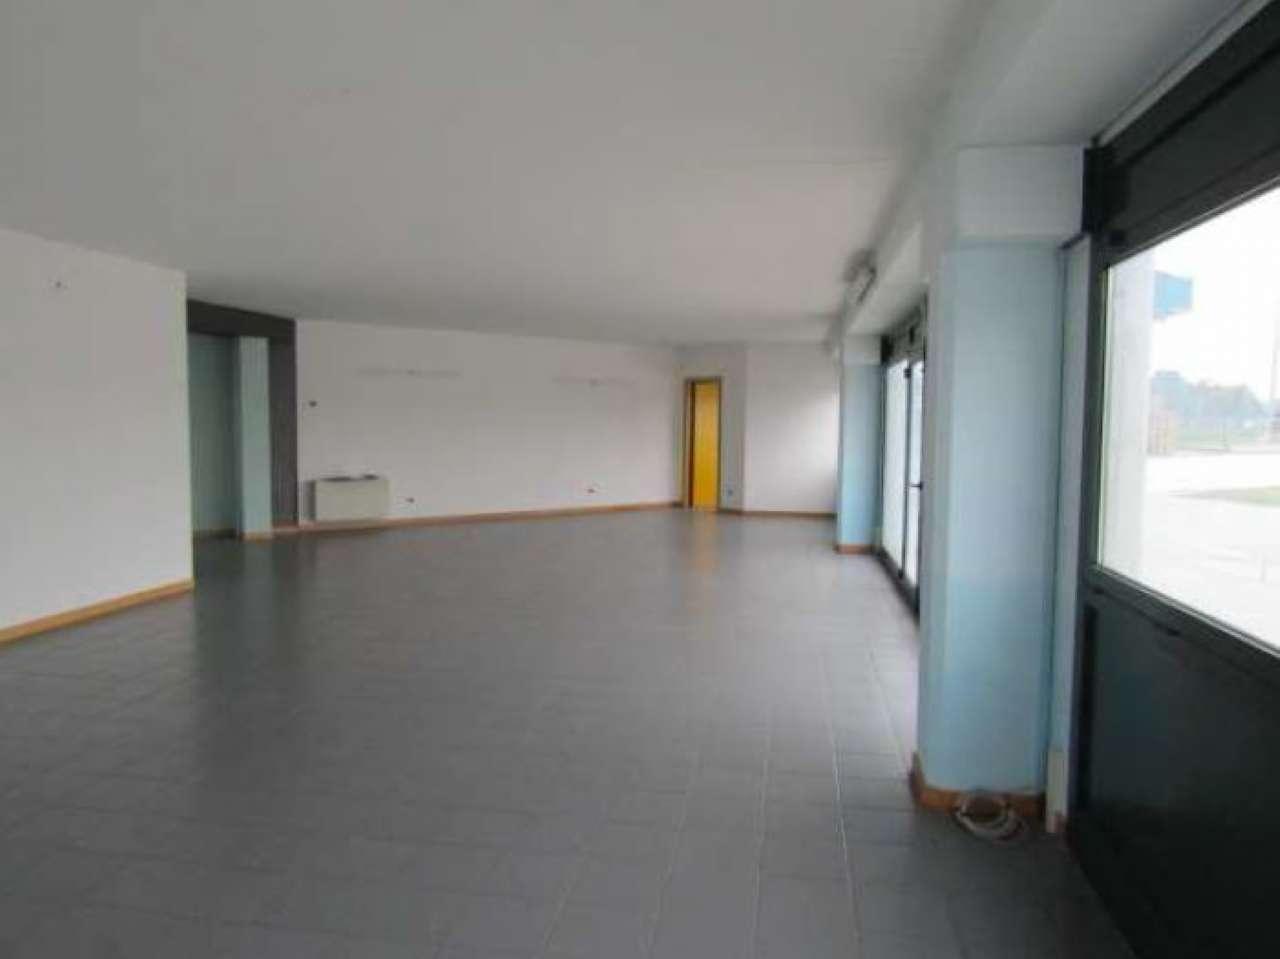 Ufficio su due piani con doppio servizio, foto 5